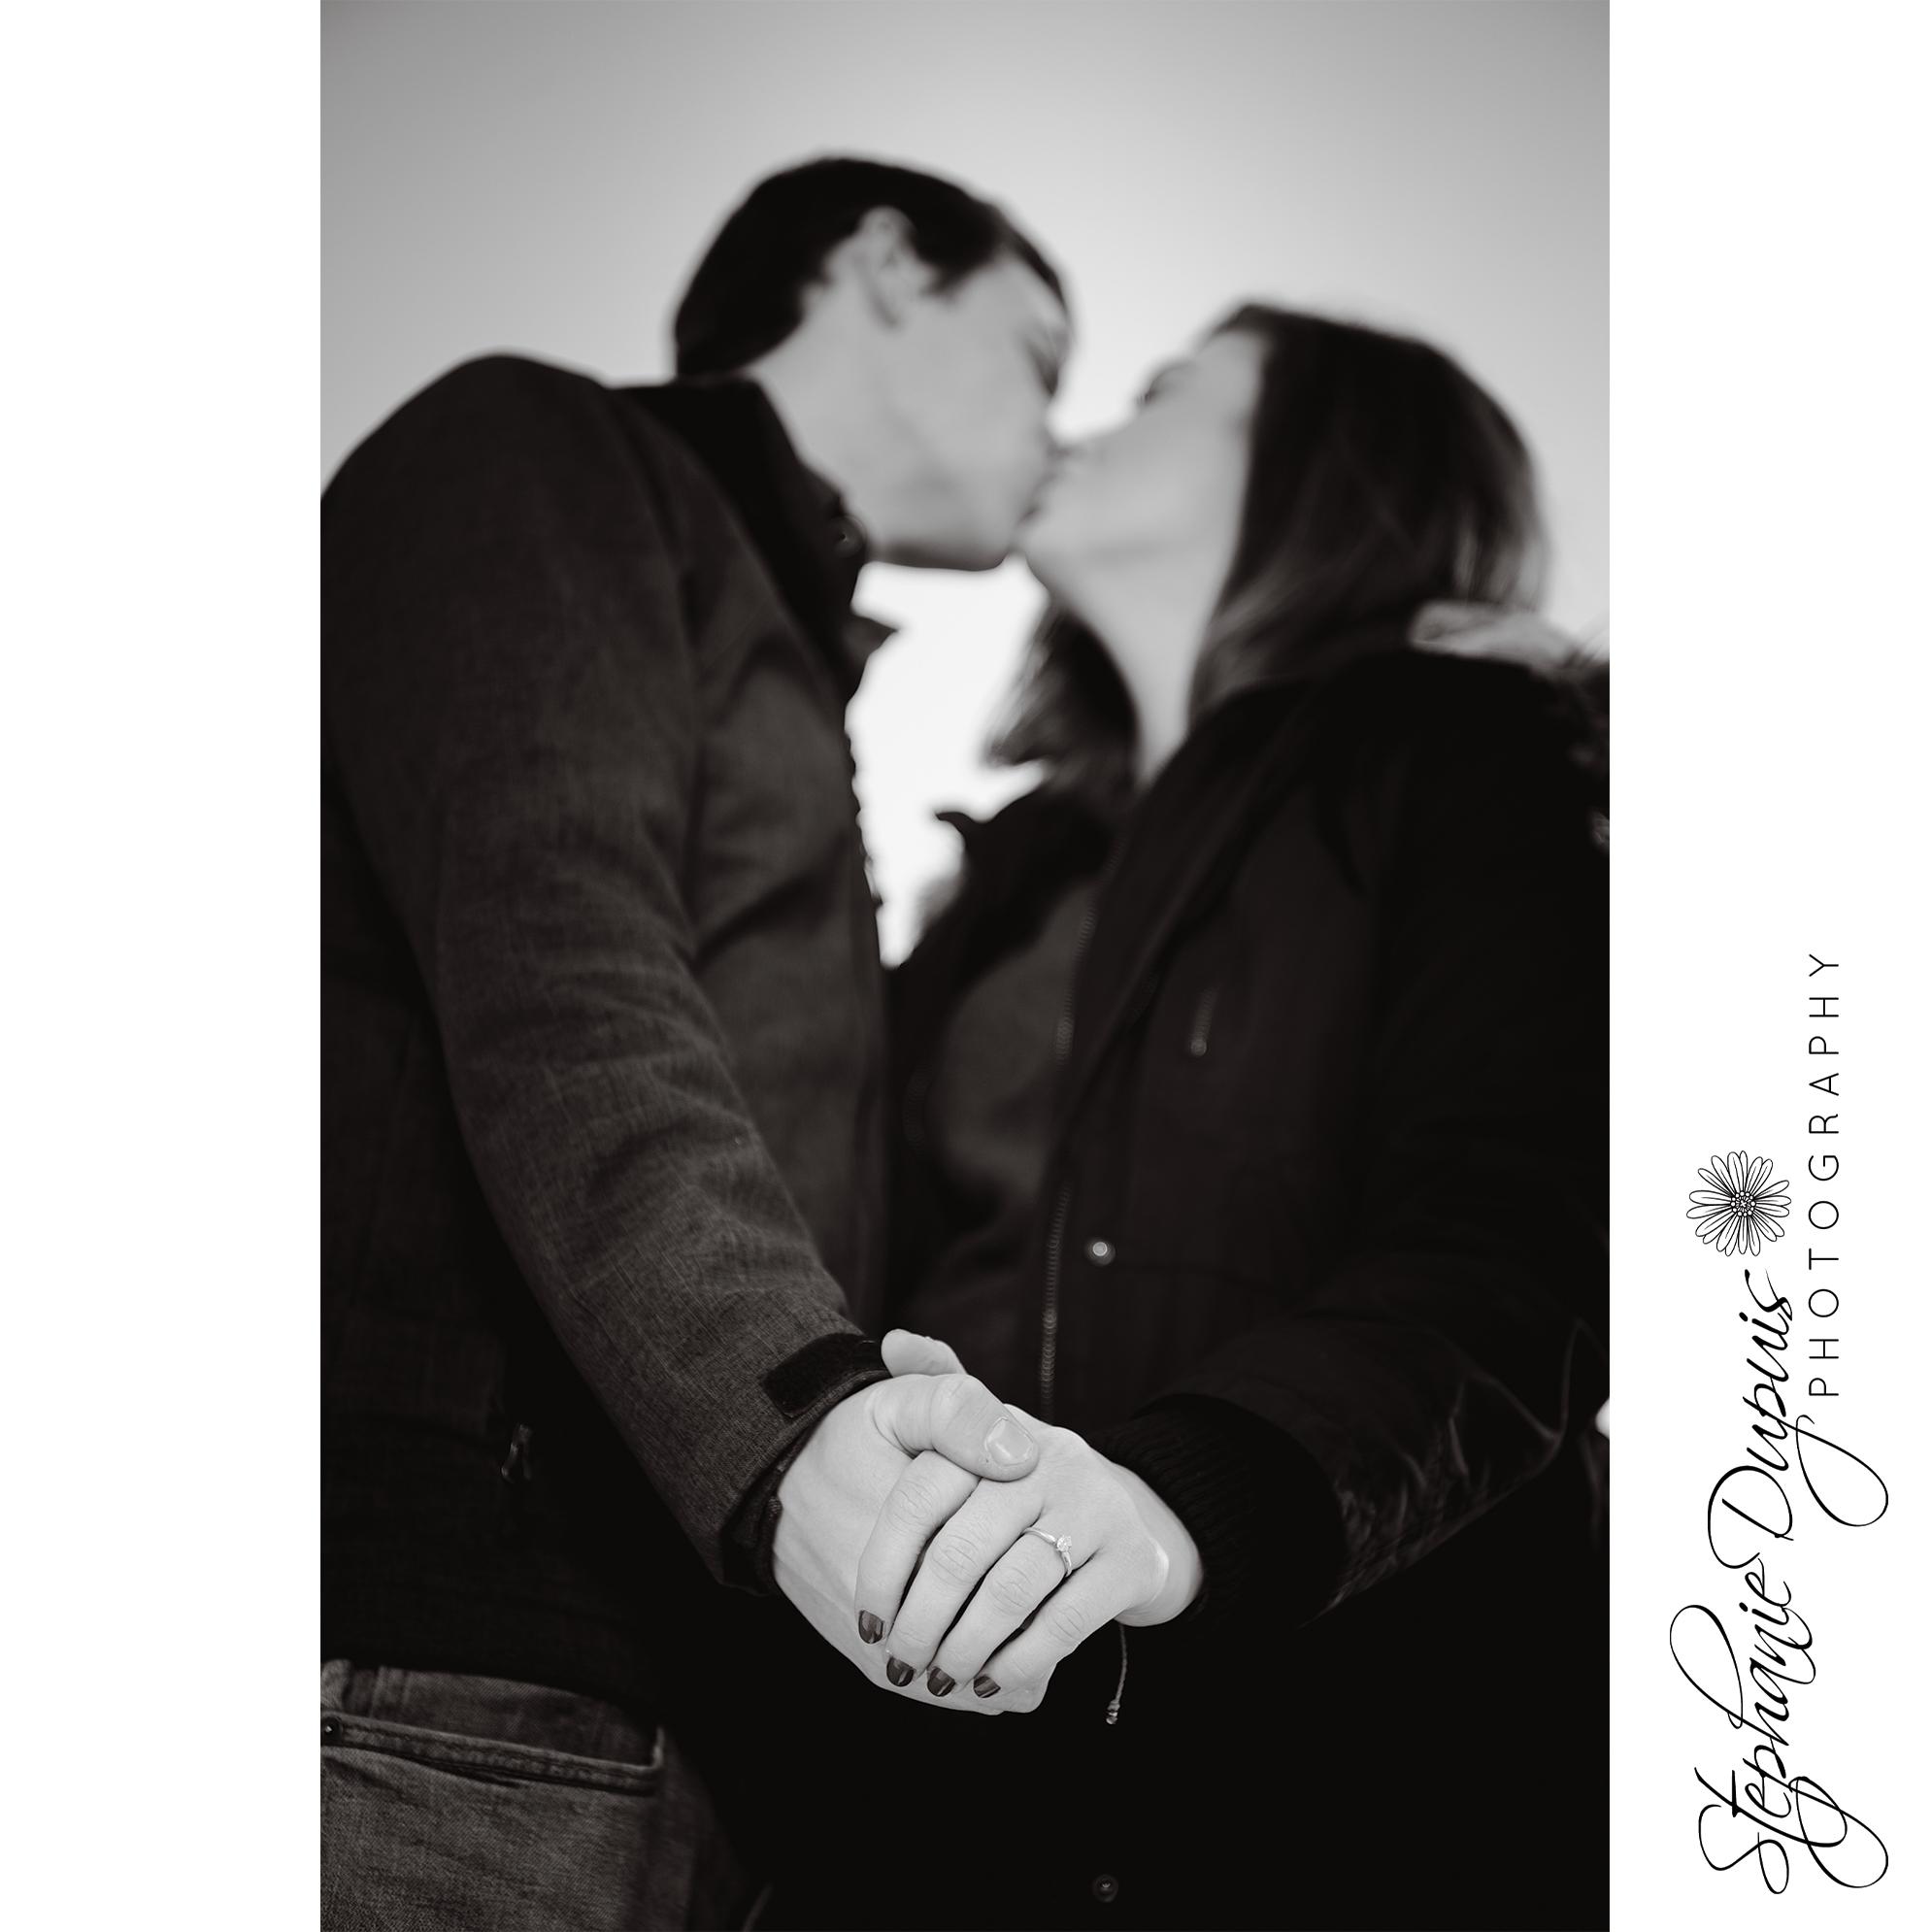 Engagement Photographer 05 - Portfolio: Ethan & Baylee's Engagement